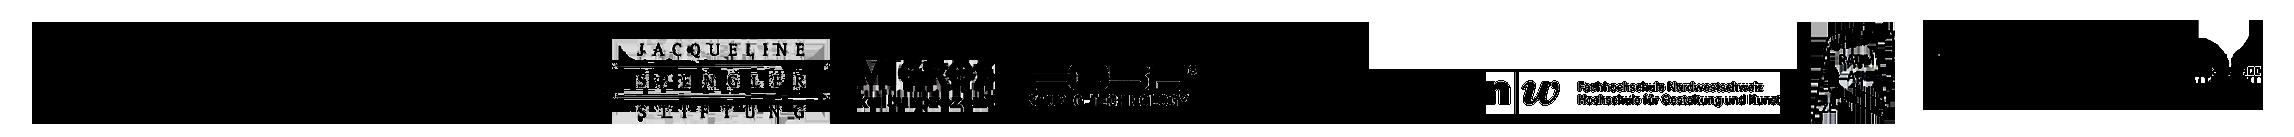 NeMeQuittePas_Logos.png